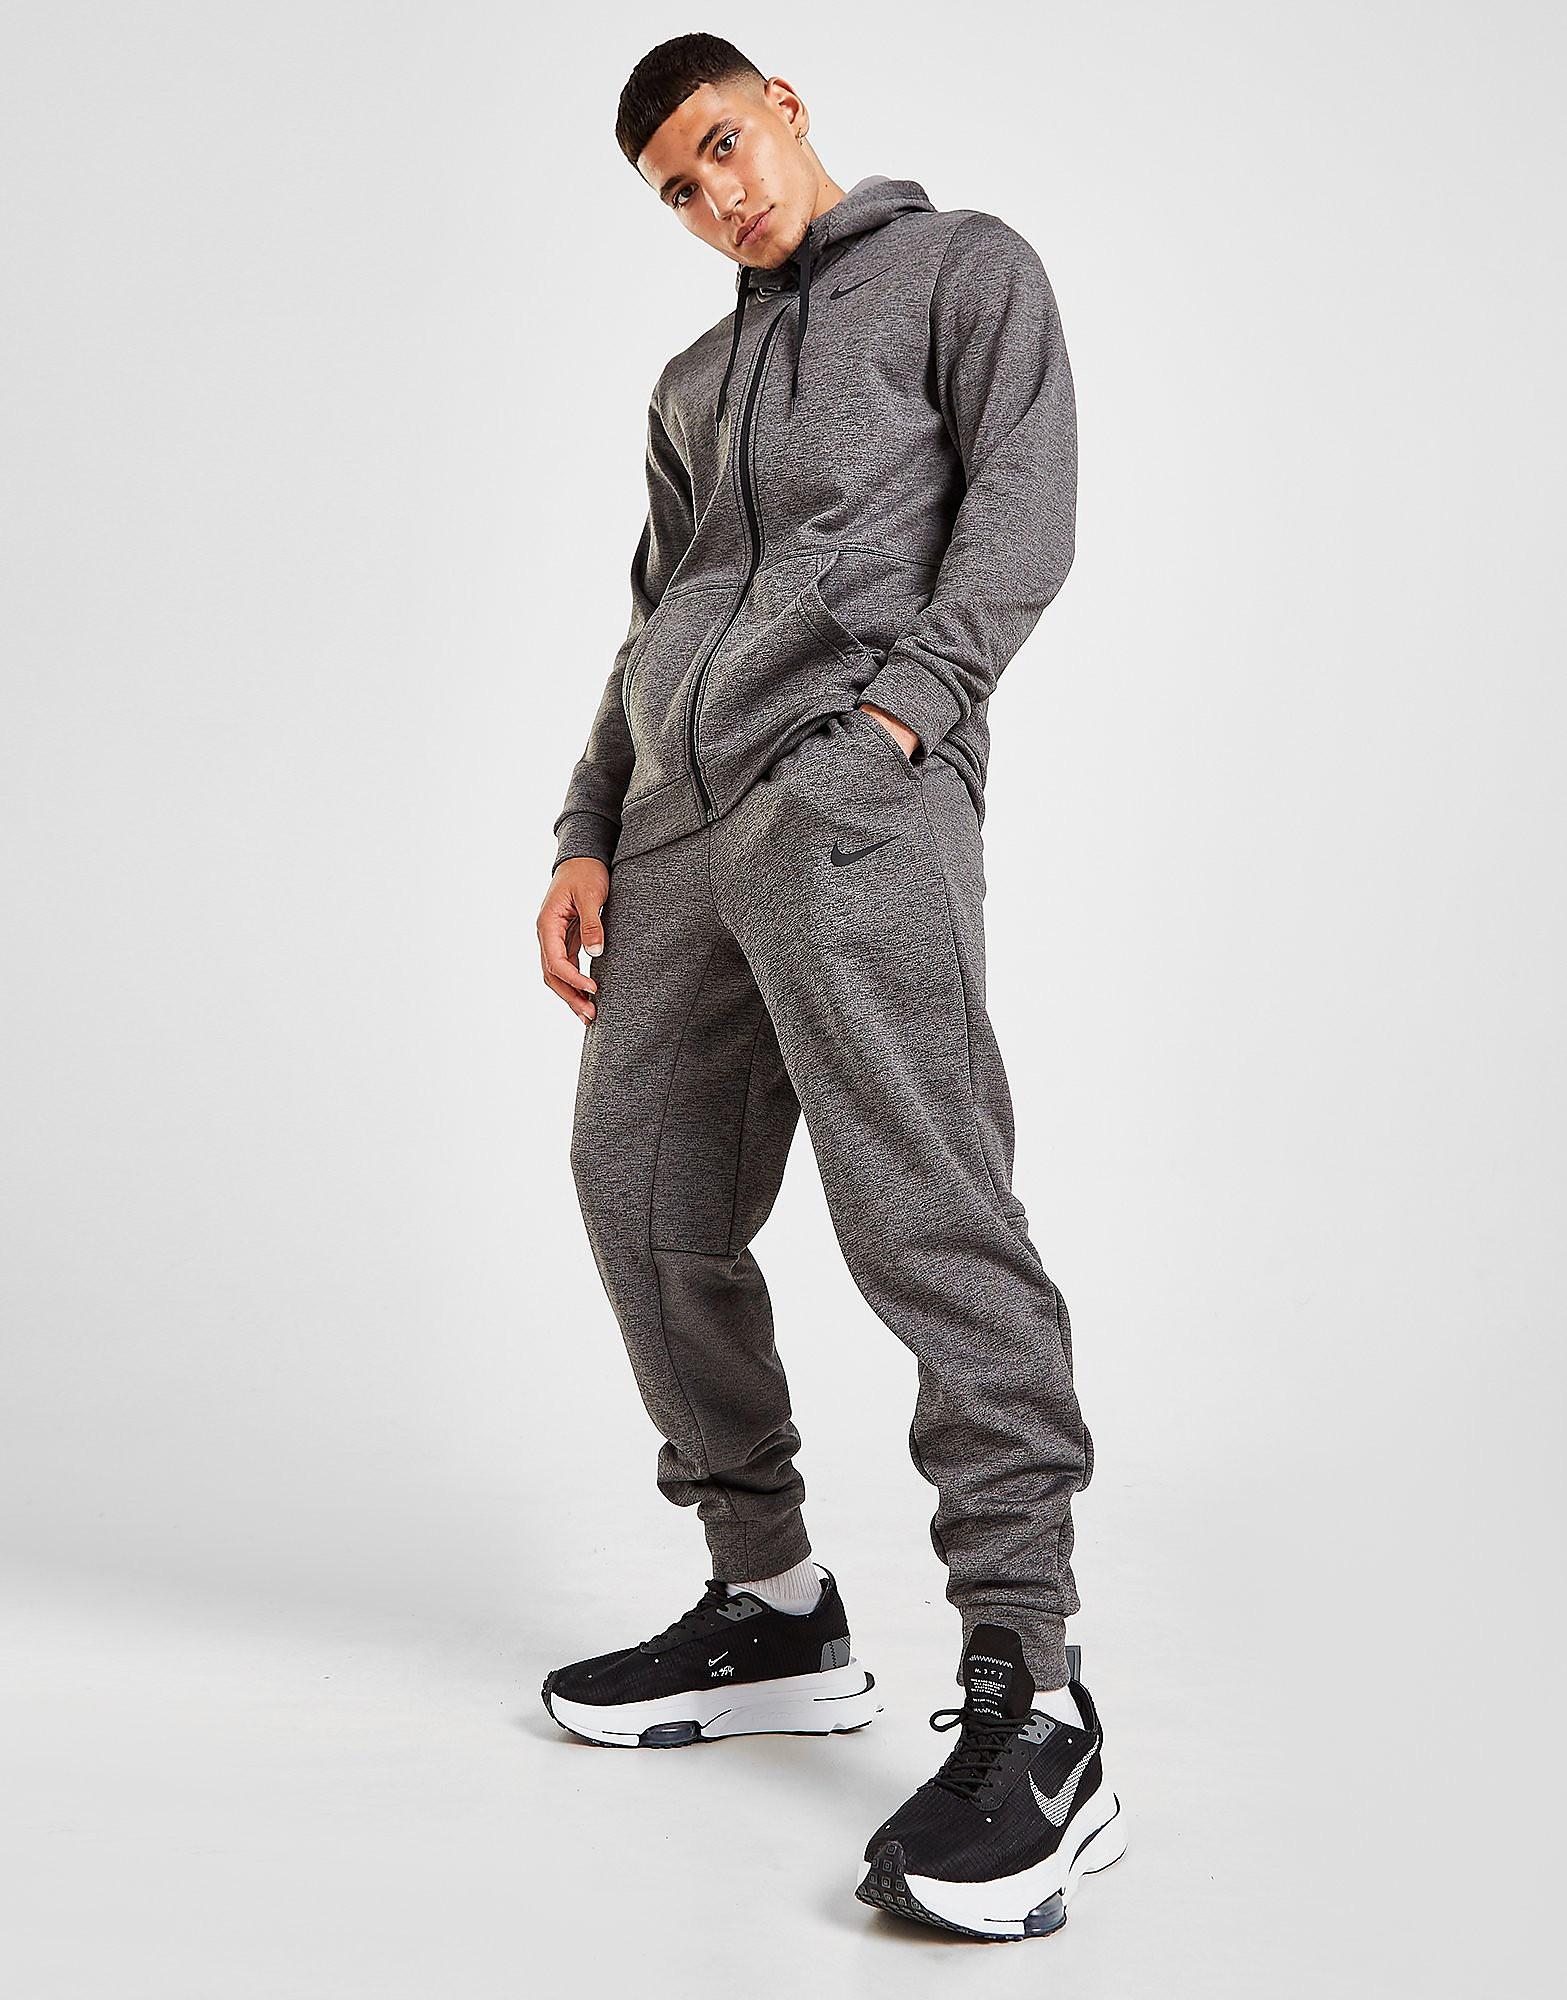 Nike Pantalon de Survêtement Homme - Only at JD - Gris, Gris